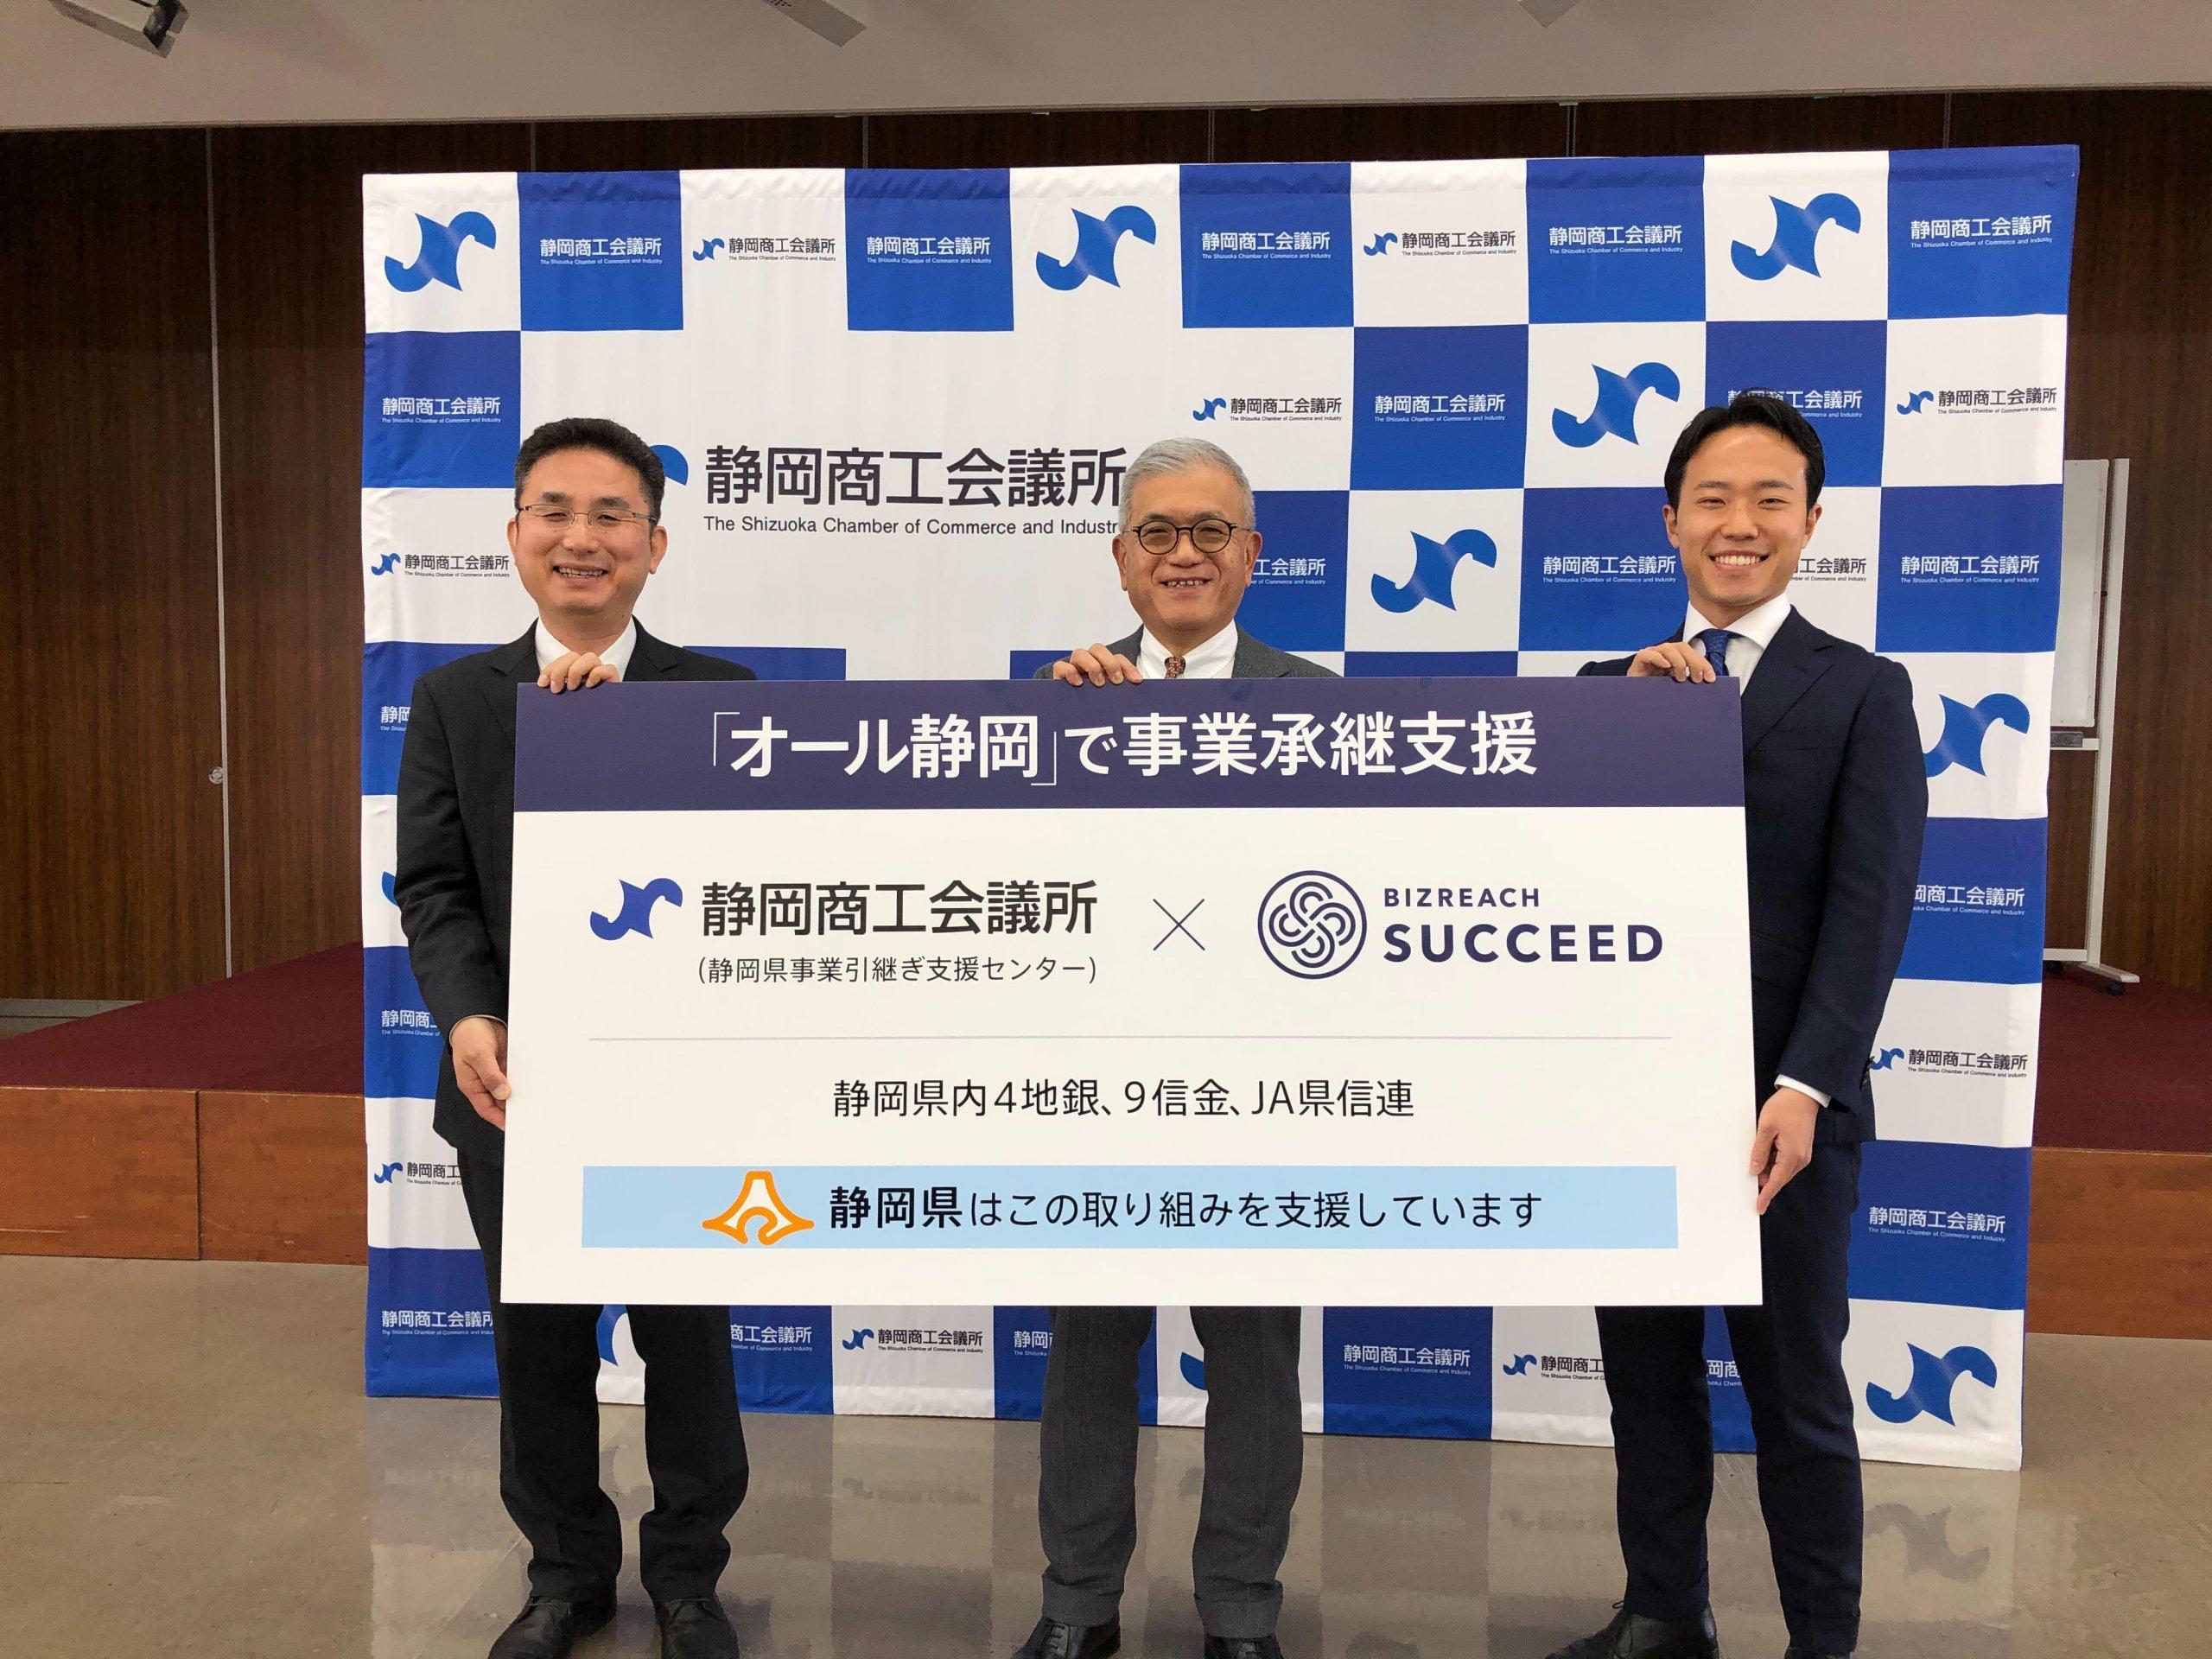 静岡商工会議所xビズリーチ・サクシード連携記者発表会